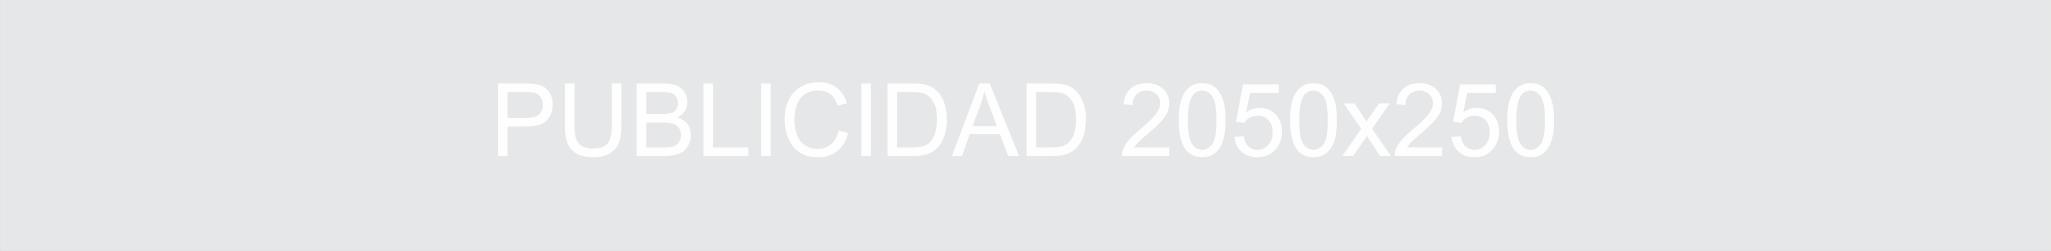 Publicidad-2050x250-1